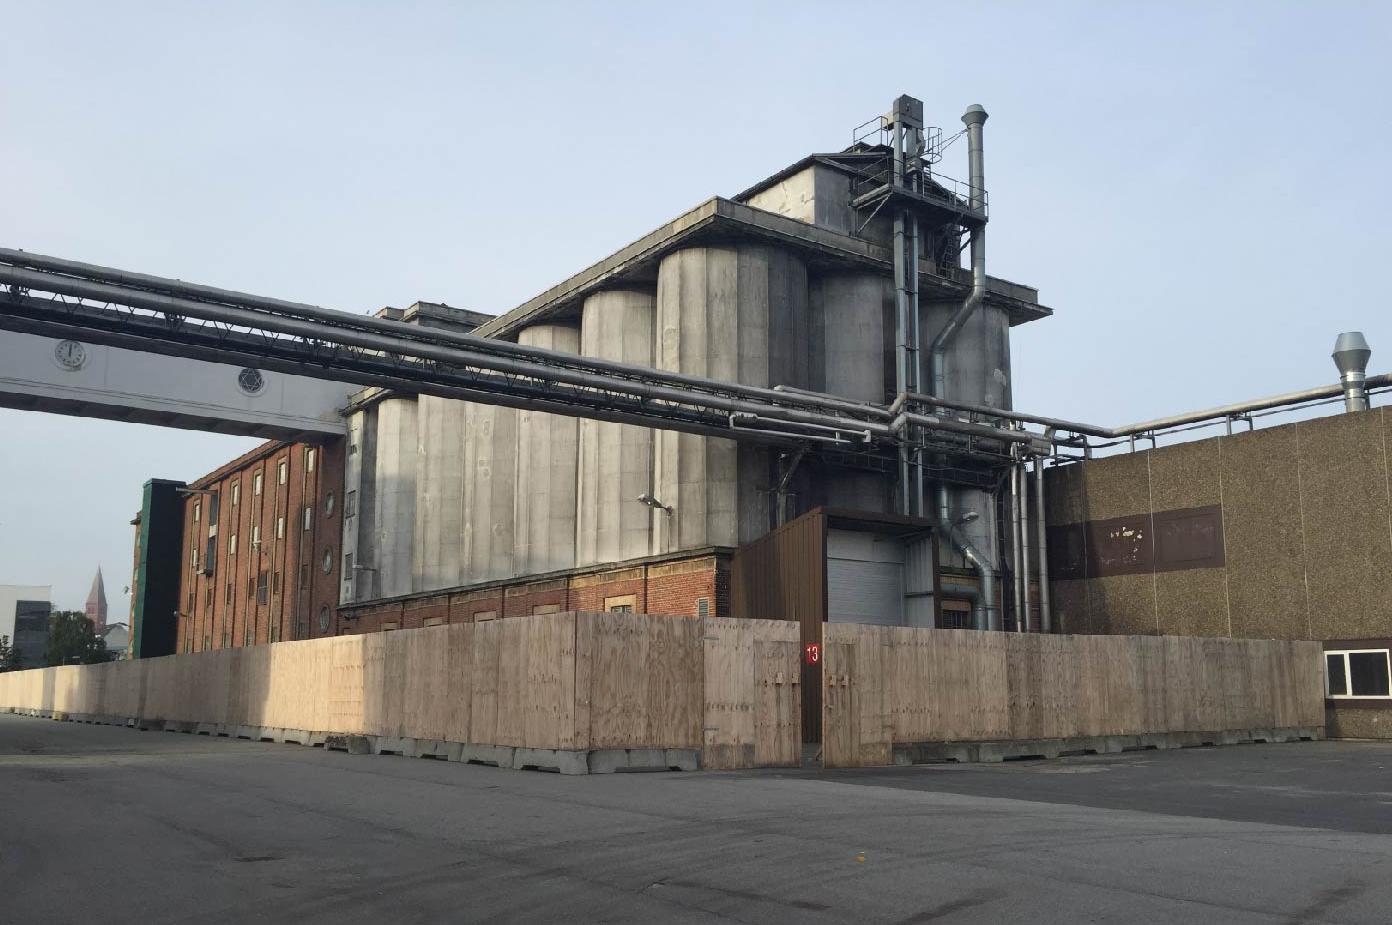 Spritfabrikkerne Aalborg siloerne